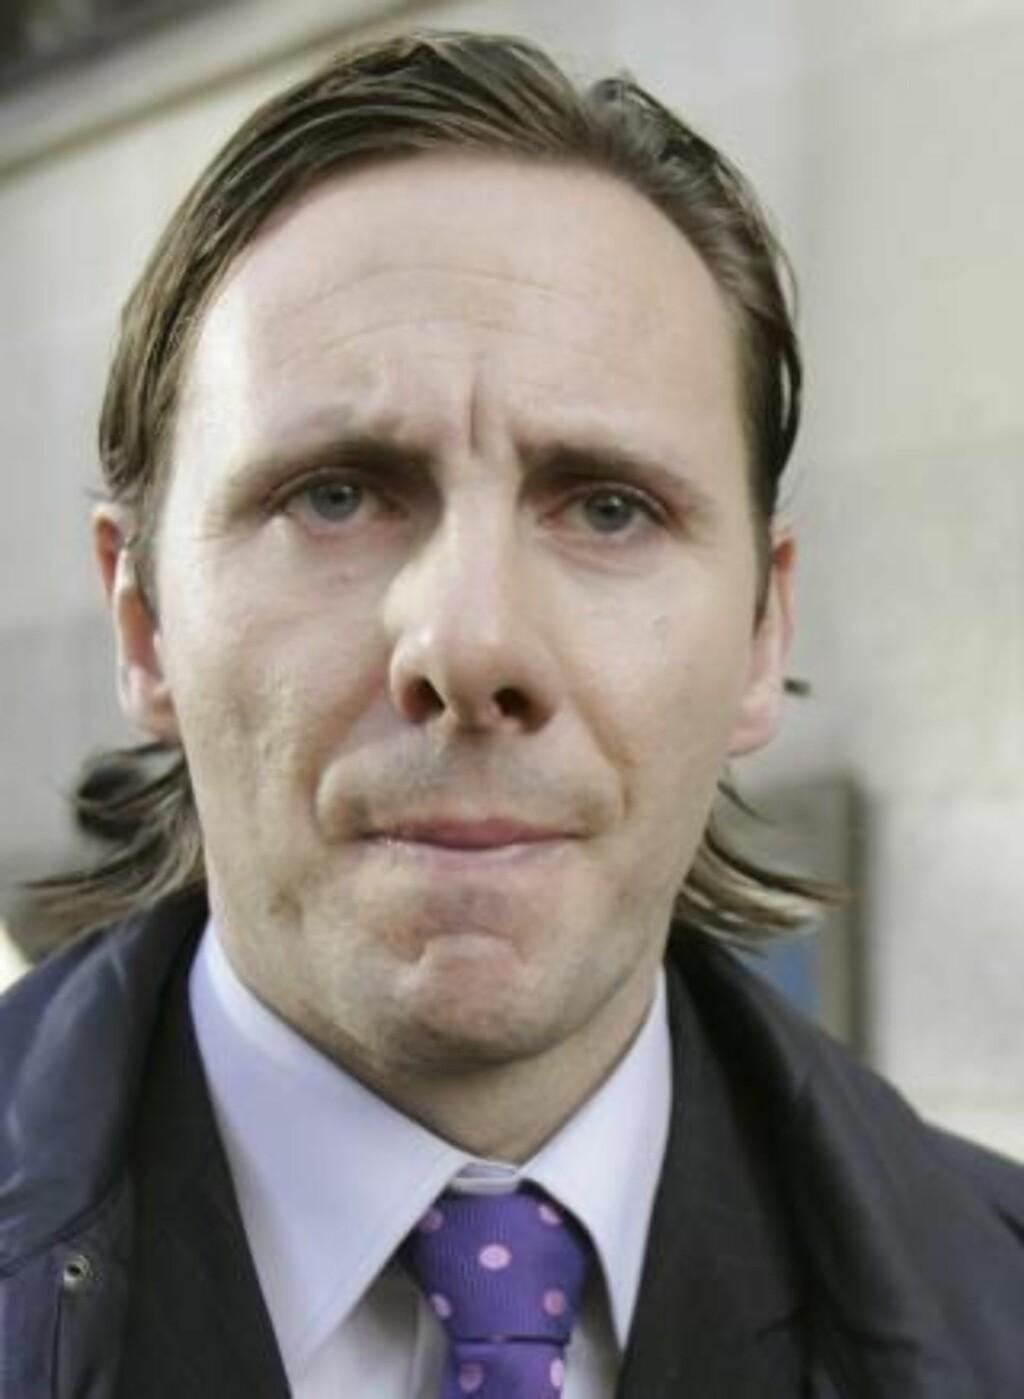 ANGRENDE SYNDER: Glenn Mulcaire sa seg skyldig i flere tilfeller av telefonavlytting. Foto: REUTERS/Toby Melville/Scanpix